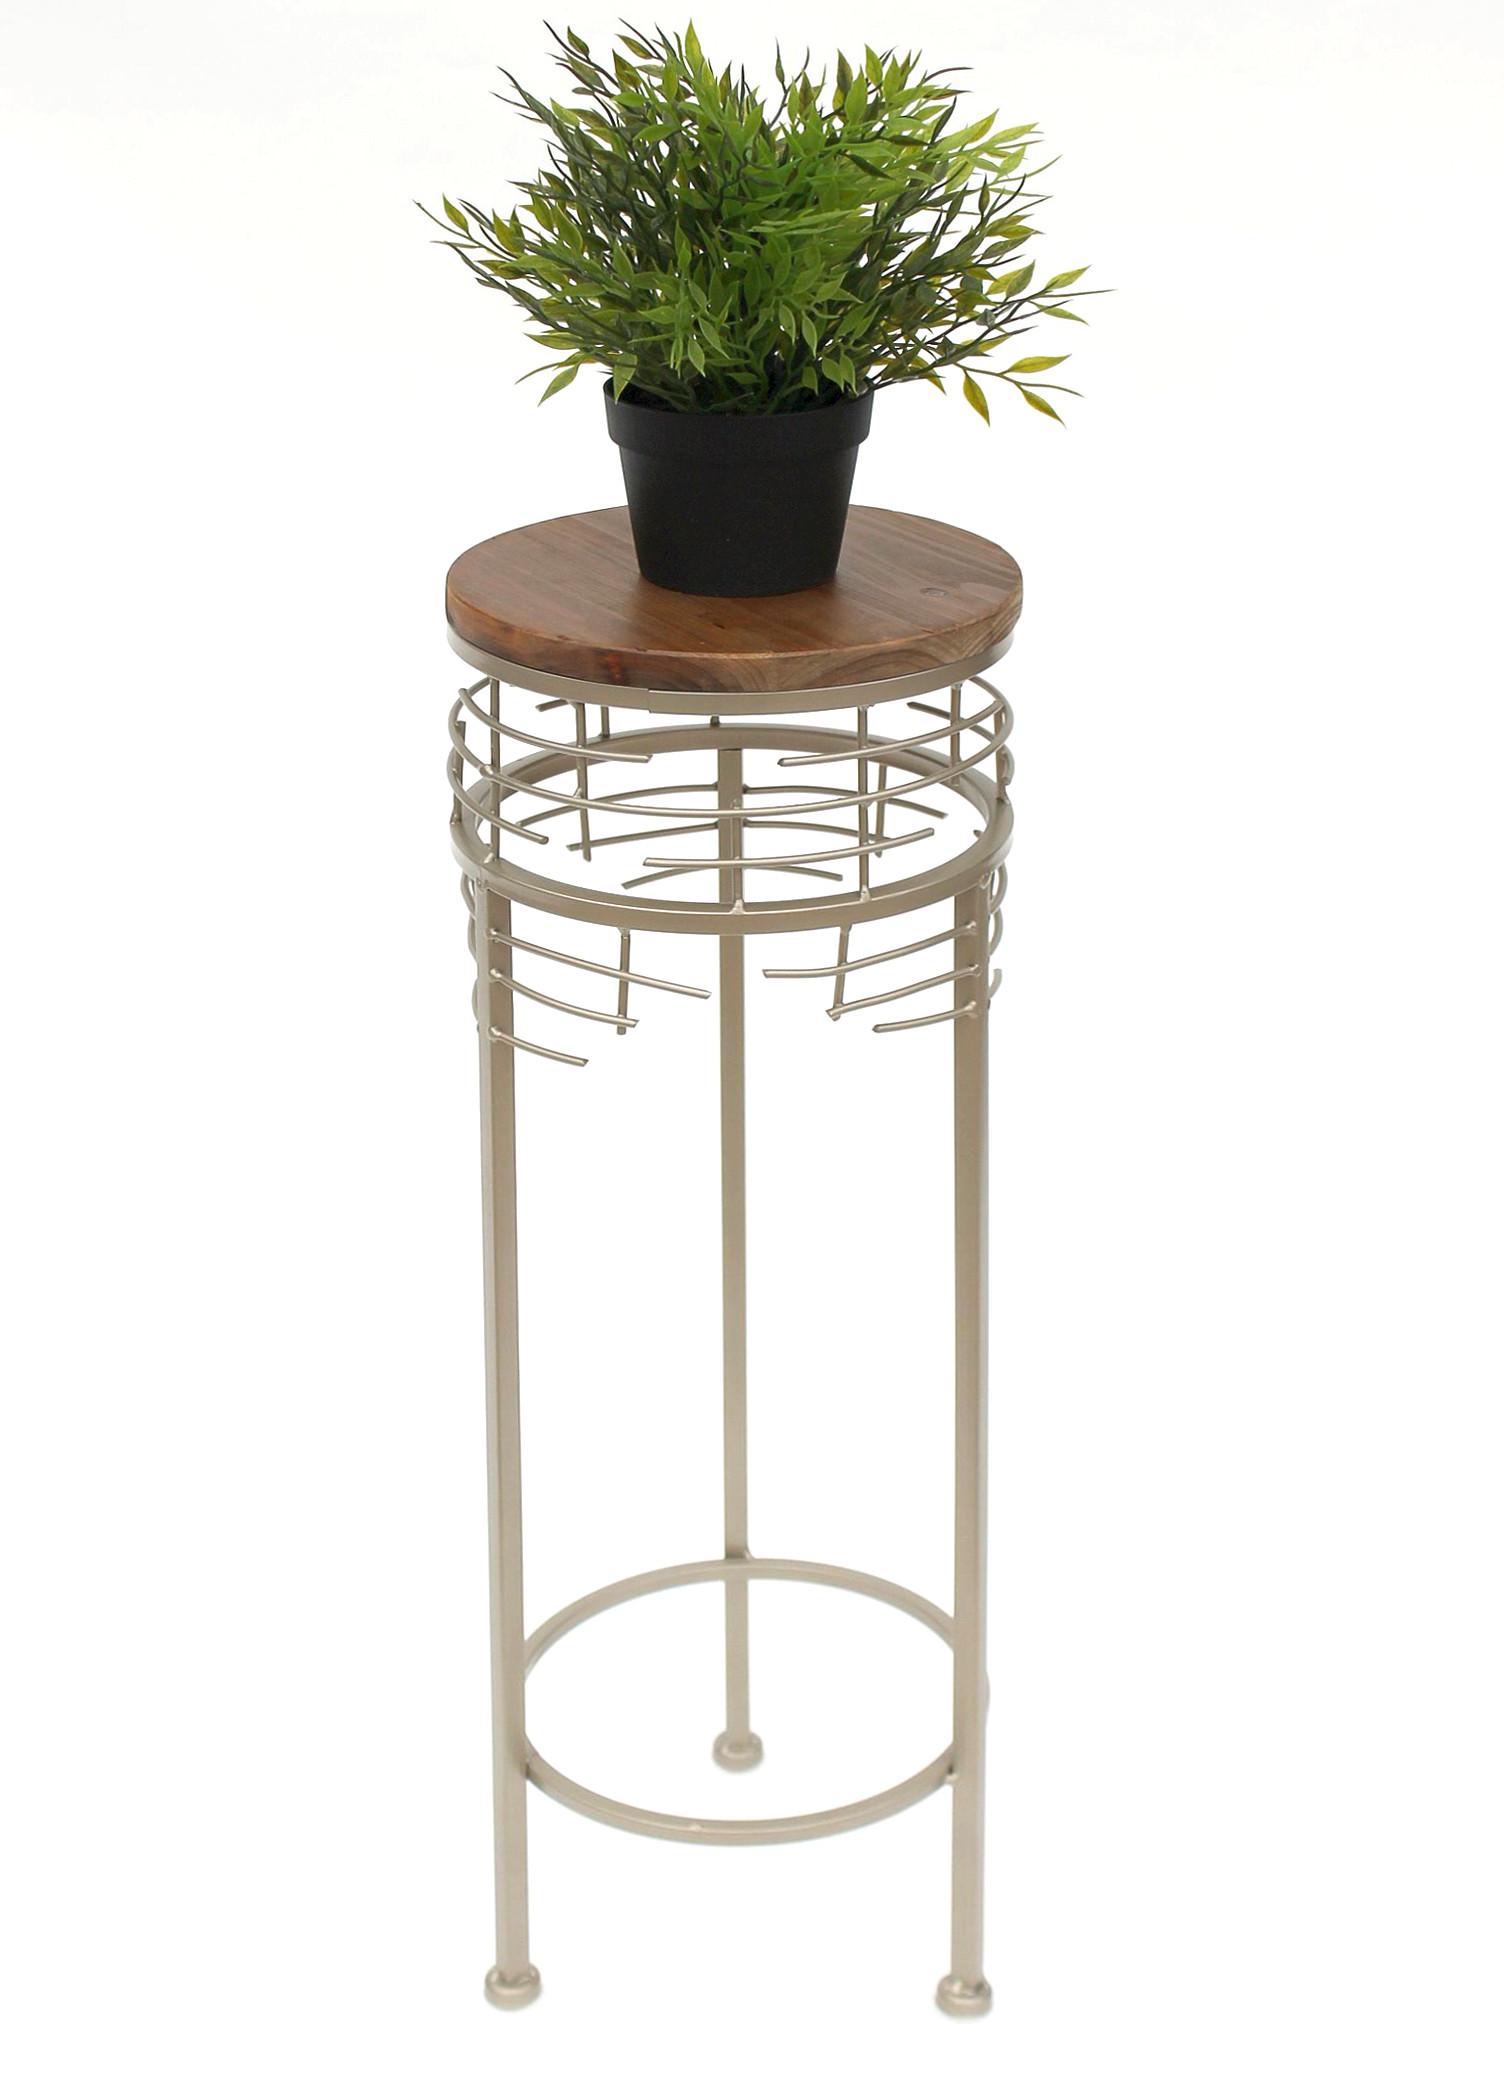 blumenhocker metall 21288 s blumenst nder 63 cm rund. Black Bedroom Furniture Sets. Home Design Ideas